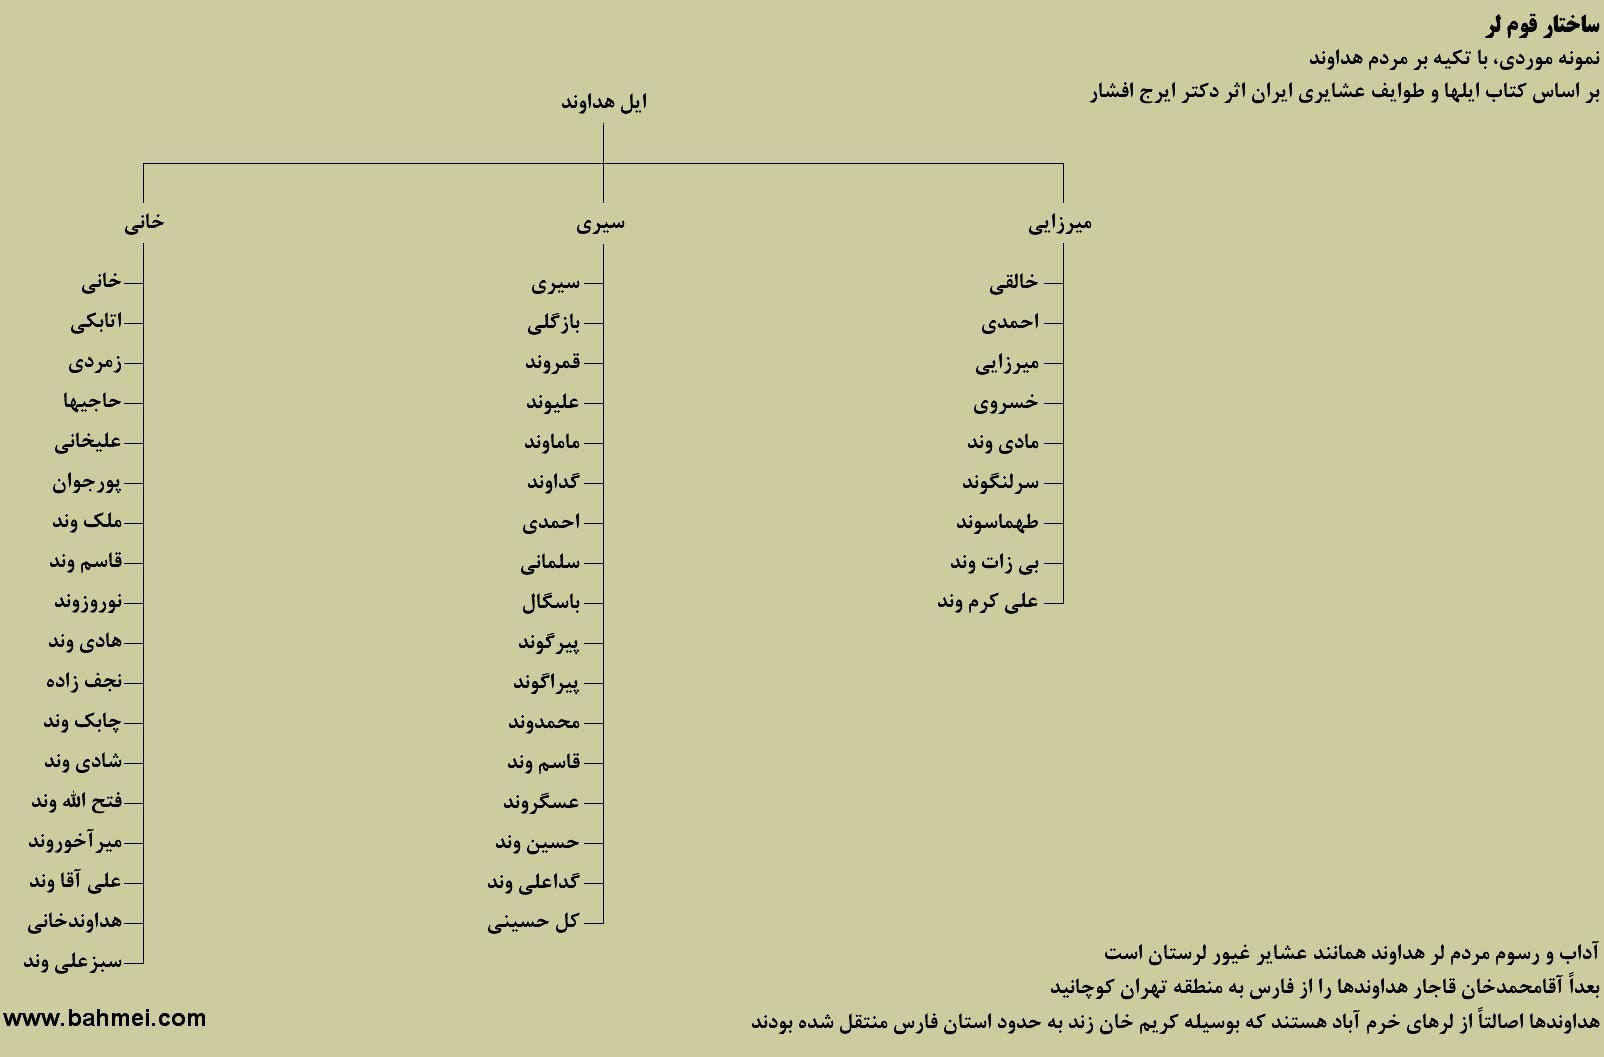 نمودار درختی ساختار قوم لر؛ ایل هداوند